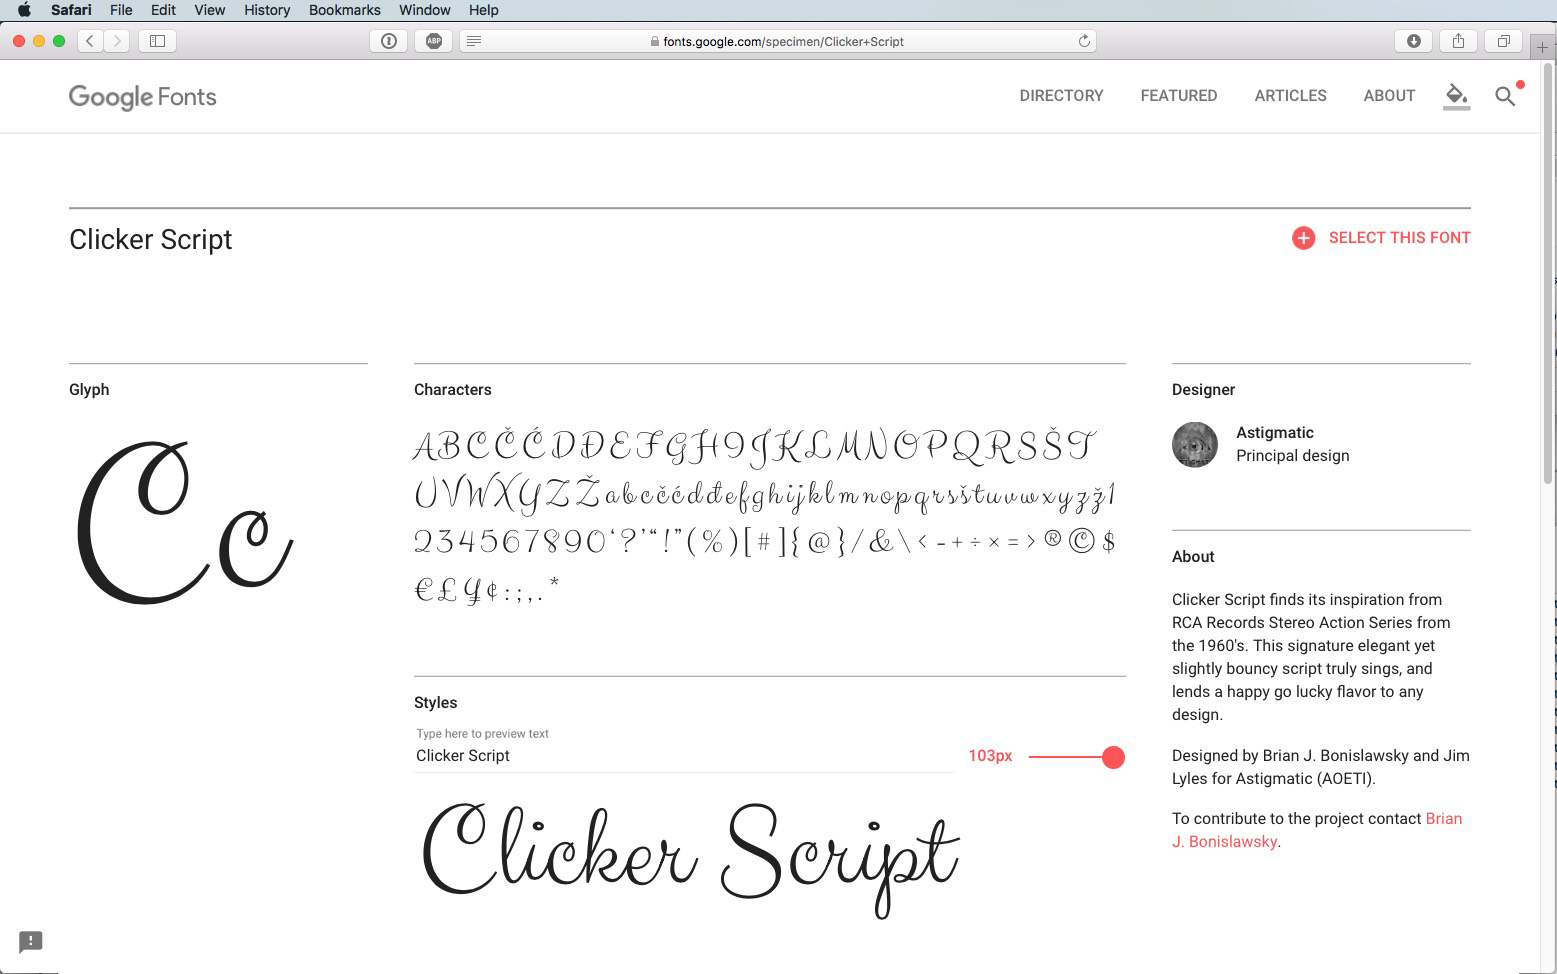 Script Font Clicker Script